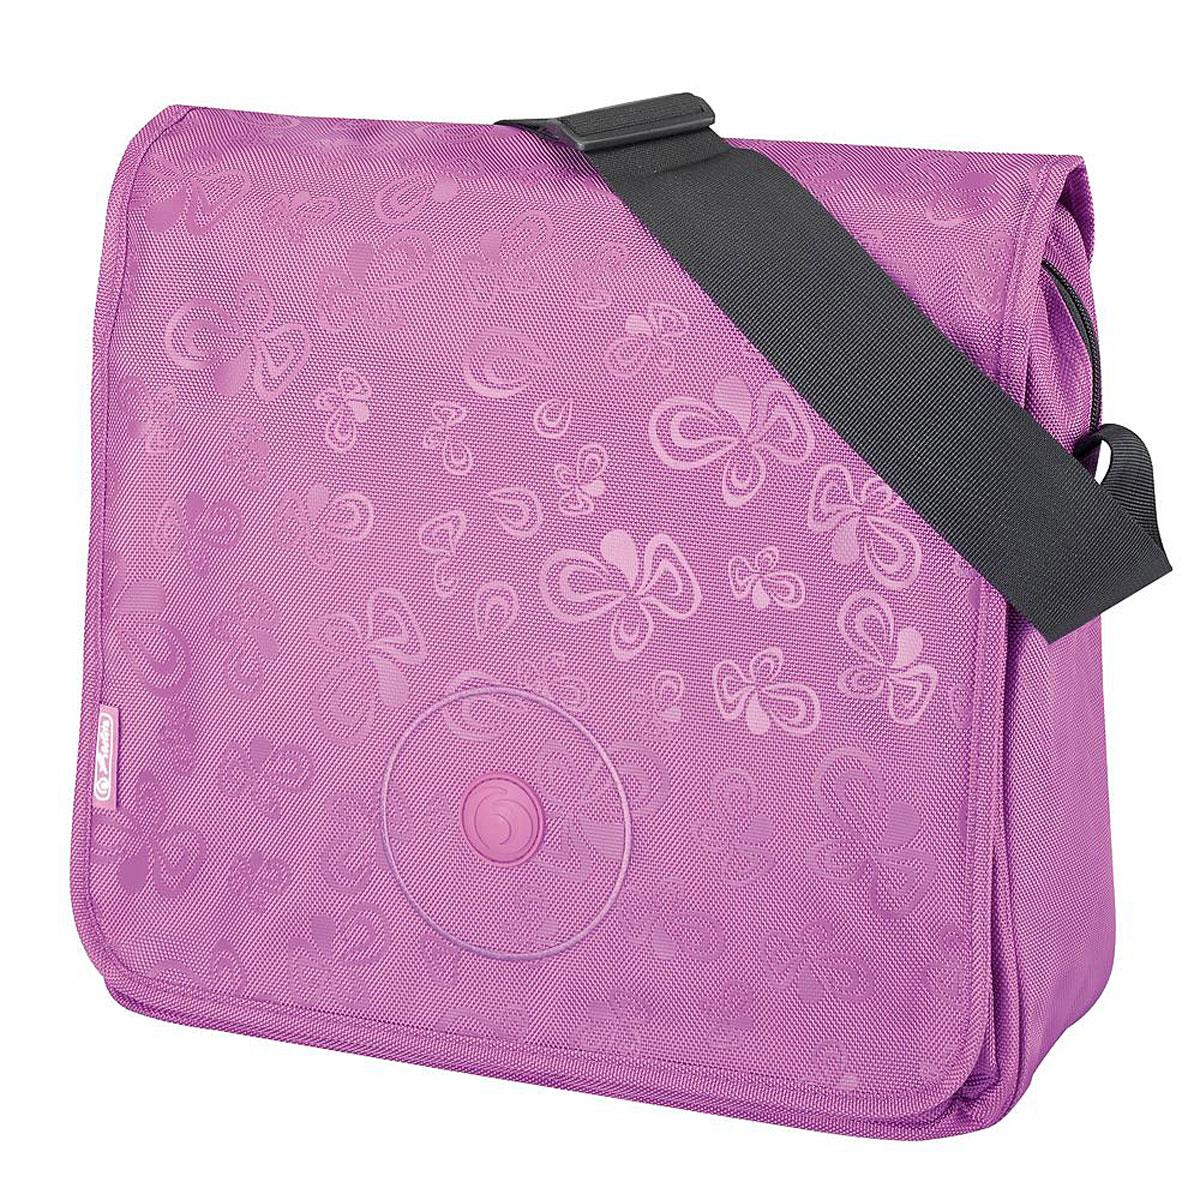 Herlitz Сумка школьная Be Bag Flower Splash Purple72523WDПрочная и вместительная школьная сумка Herlitz Be Bag. Flower Splash Purple смотрится элегантно в любой ситуации.Сумка имеет одно отделение, которое закрывается на застежку-молнию и клапан. Внутри отделения находятся два открытых сетчатых кармана и врезной карман на молнии. Под клапаном с лицевой стороны расположен накладной карман на застежке-молнии, внутри которого находятся два открытых кармашка, карман-сетка, карман на застежке-молнии, три кармашка для канцелярских принадлежностей и пластиковый карабин для ключей. Клапан крепится на кнопках, его можно отстегнуть и использовать сумку без него.Широкая лямка регулируется по длине. Такую сумку можно использовать для повседневных прогулок, учебы, отдыха и спорта, а также как элемент вашего имиджа. Лаконичный и сдержанный дизайн подчеркнет индивидуальность и порадует своей функциональностью.